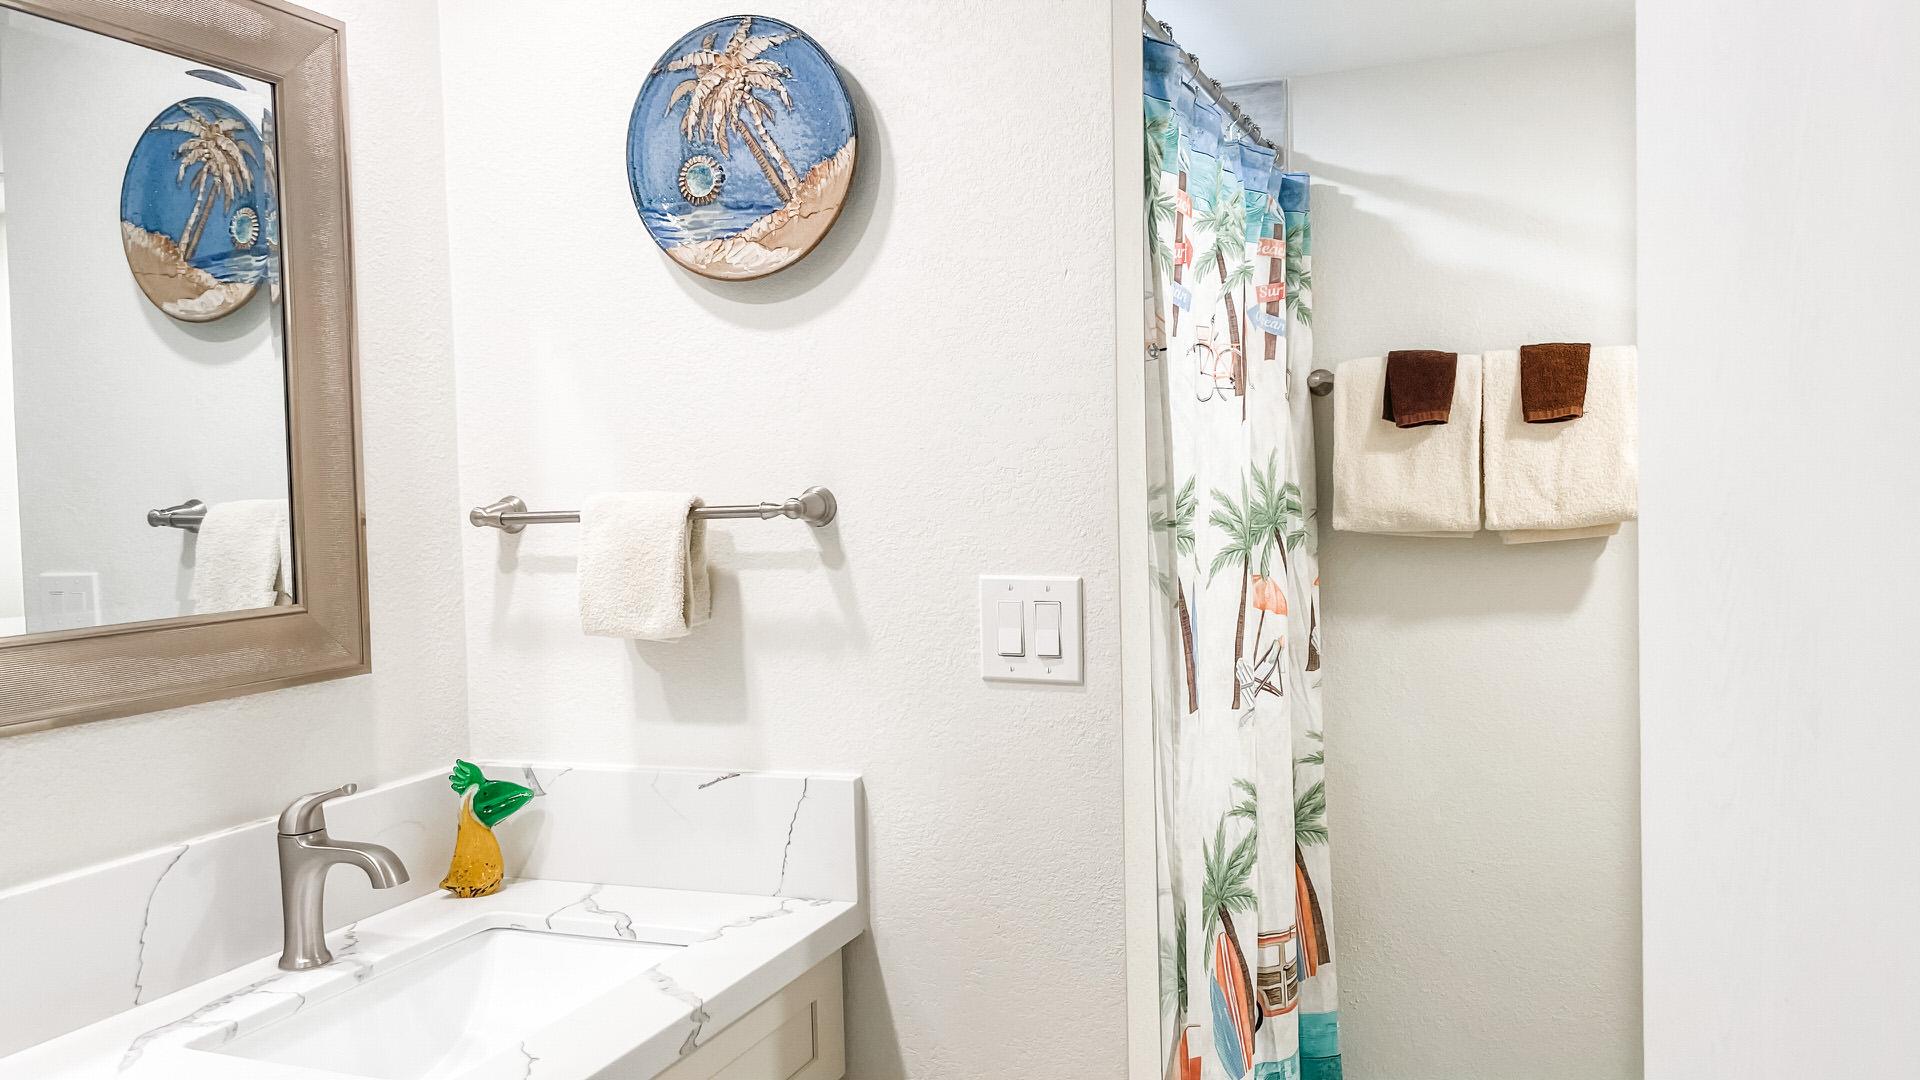 B210 Bathroom Vanity